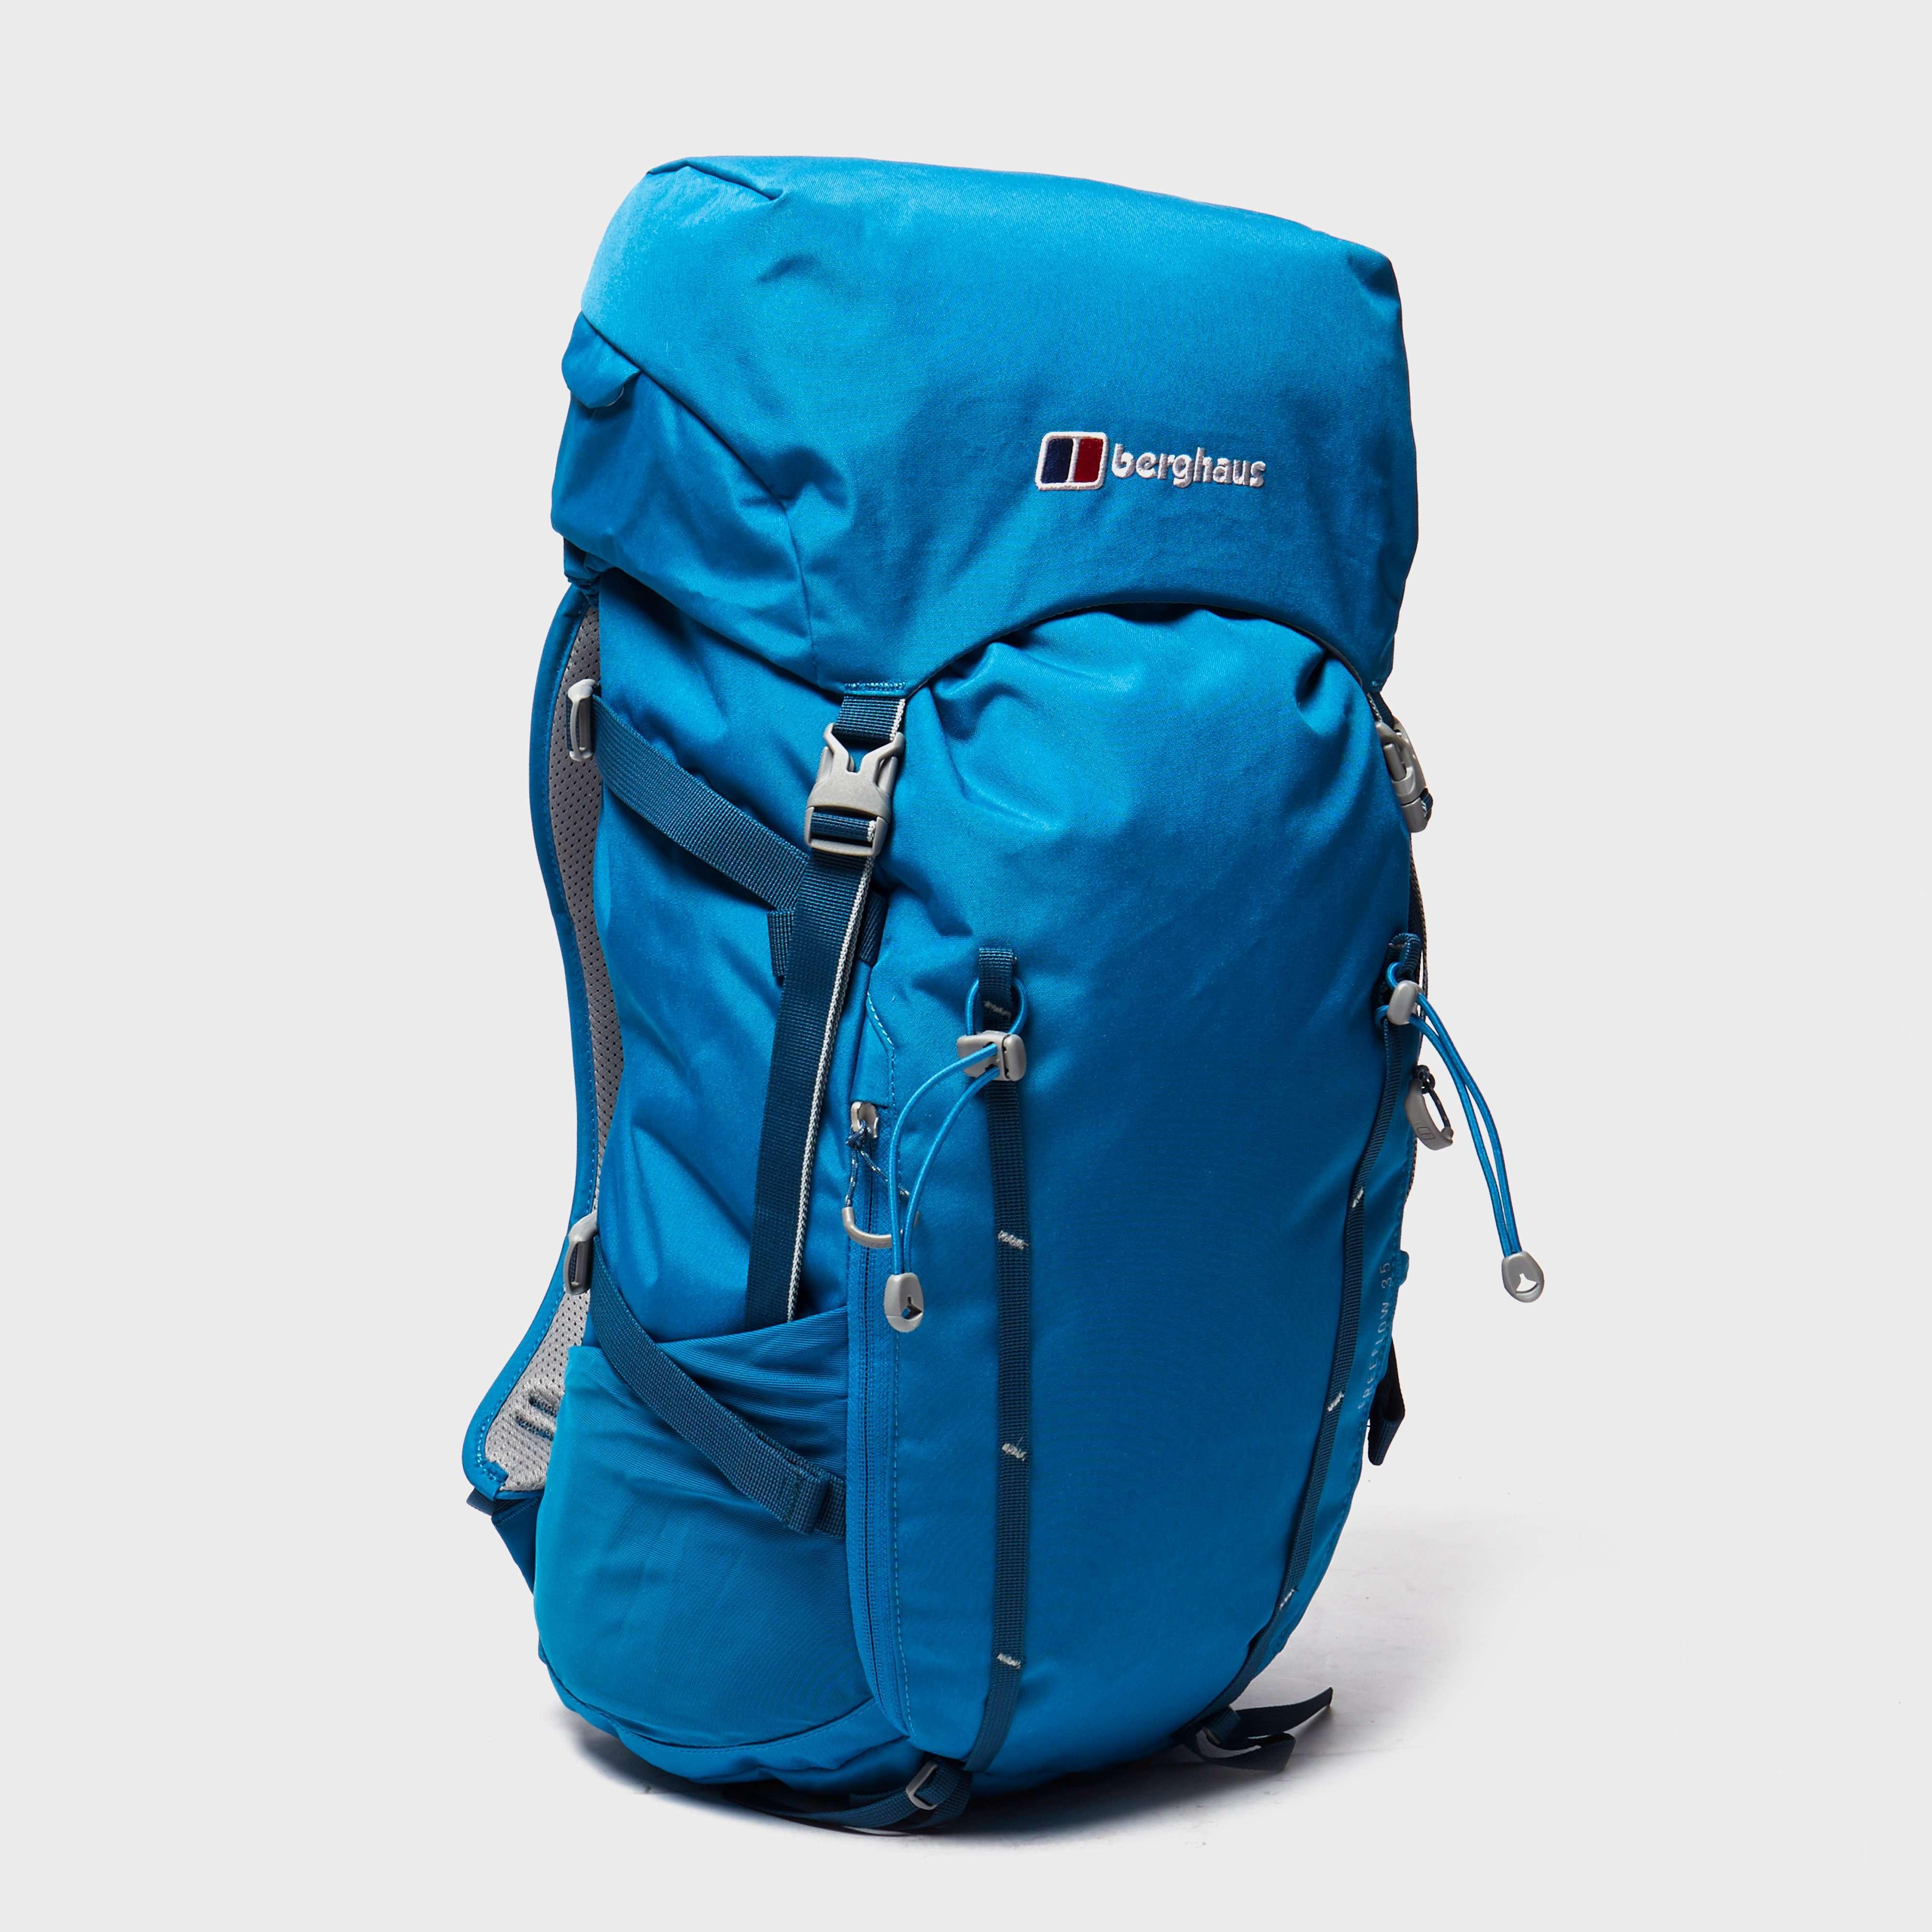 BERGHAUS Freeflow 35 Rucksack